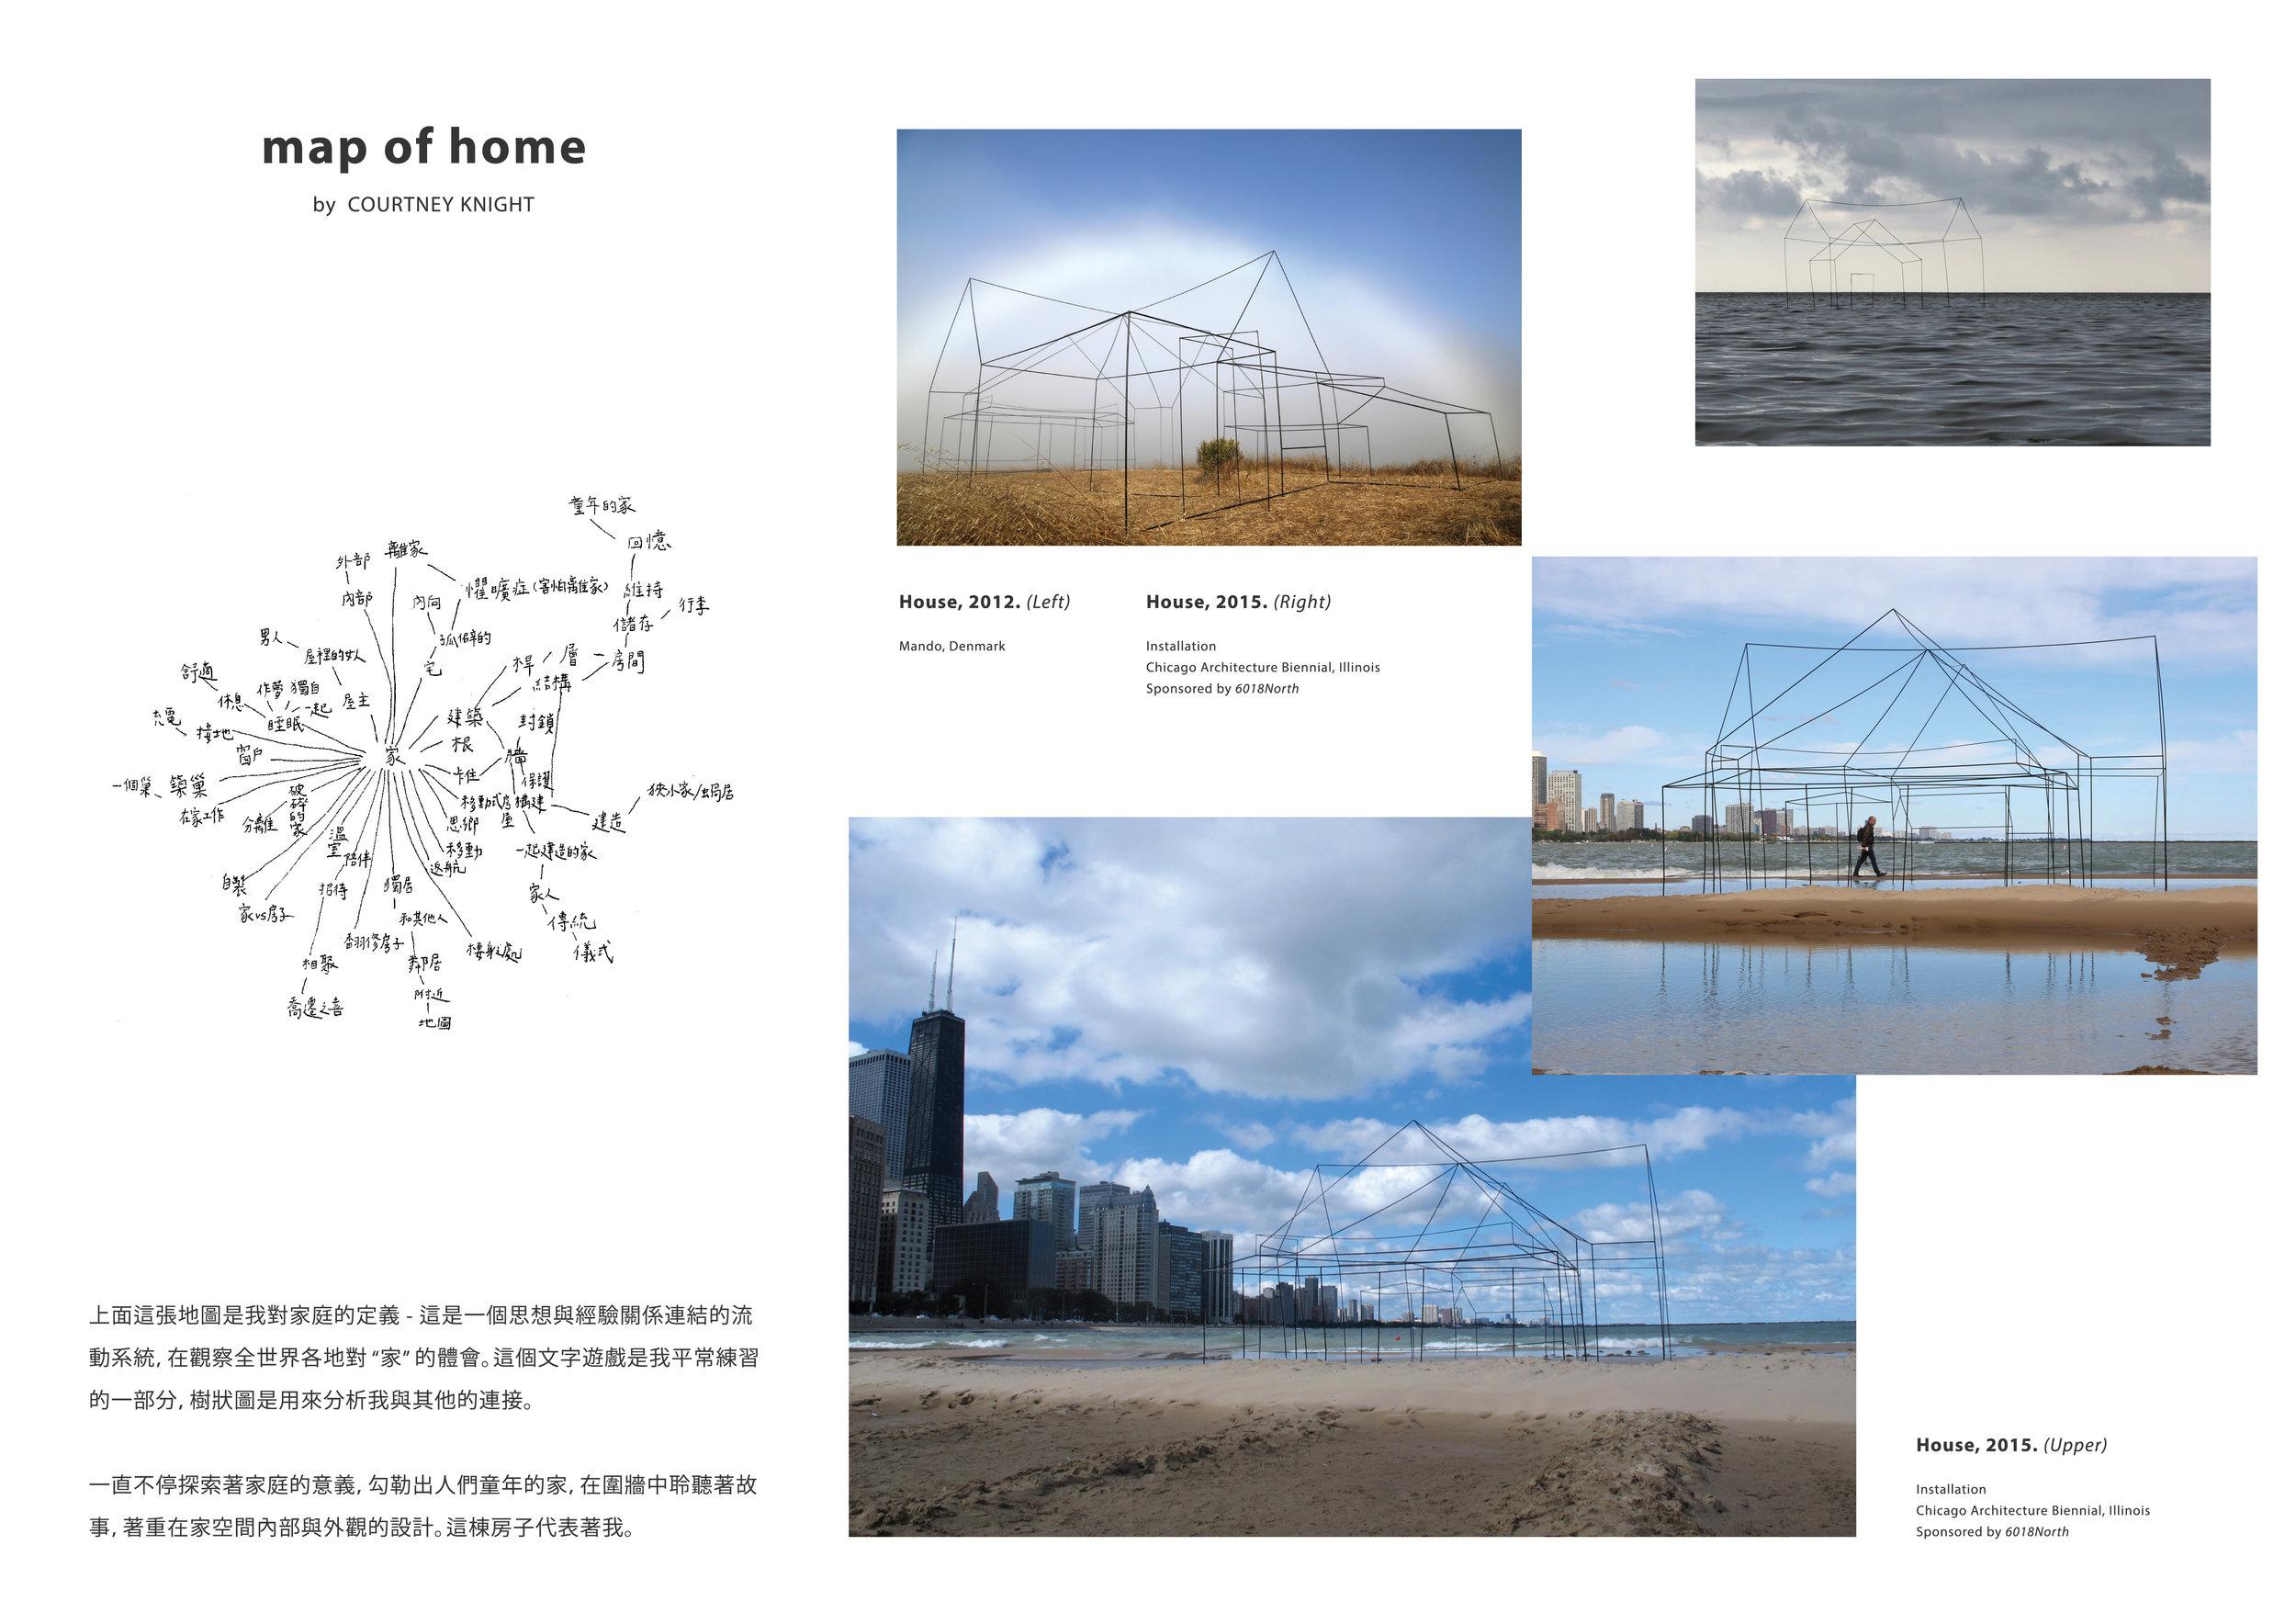 十月份雕塑家文摘_print-01.jpg